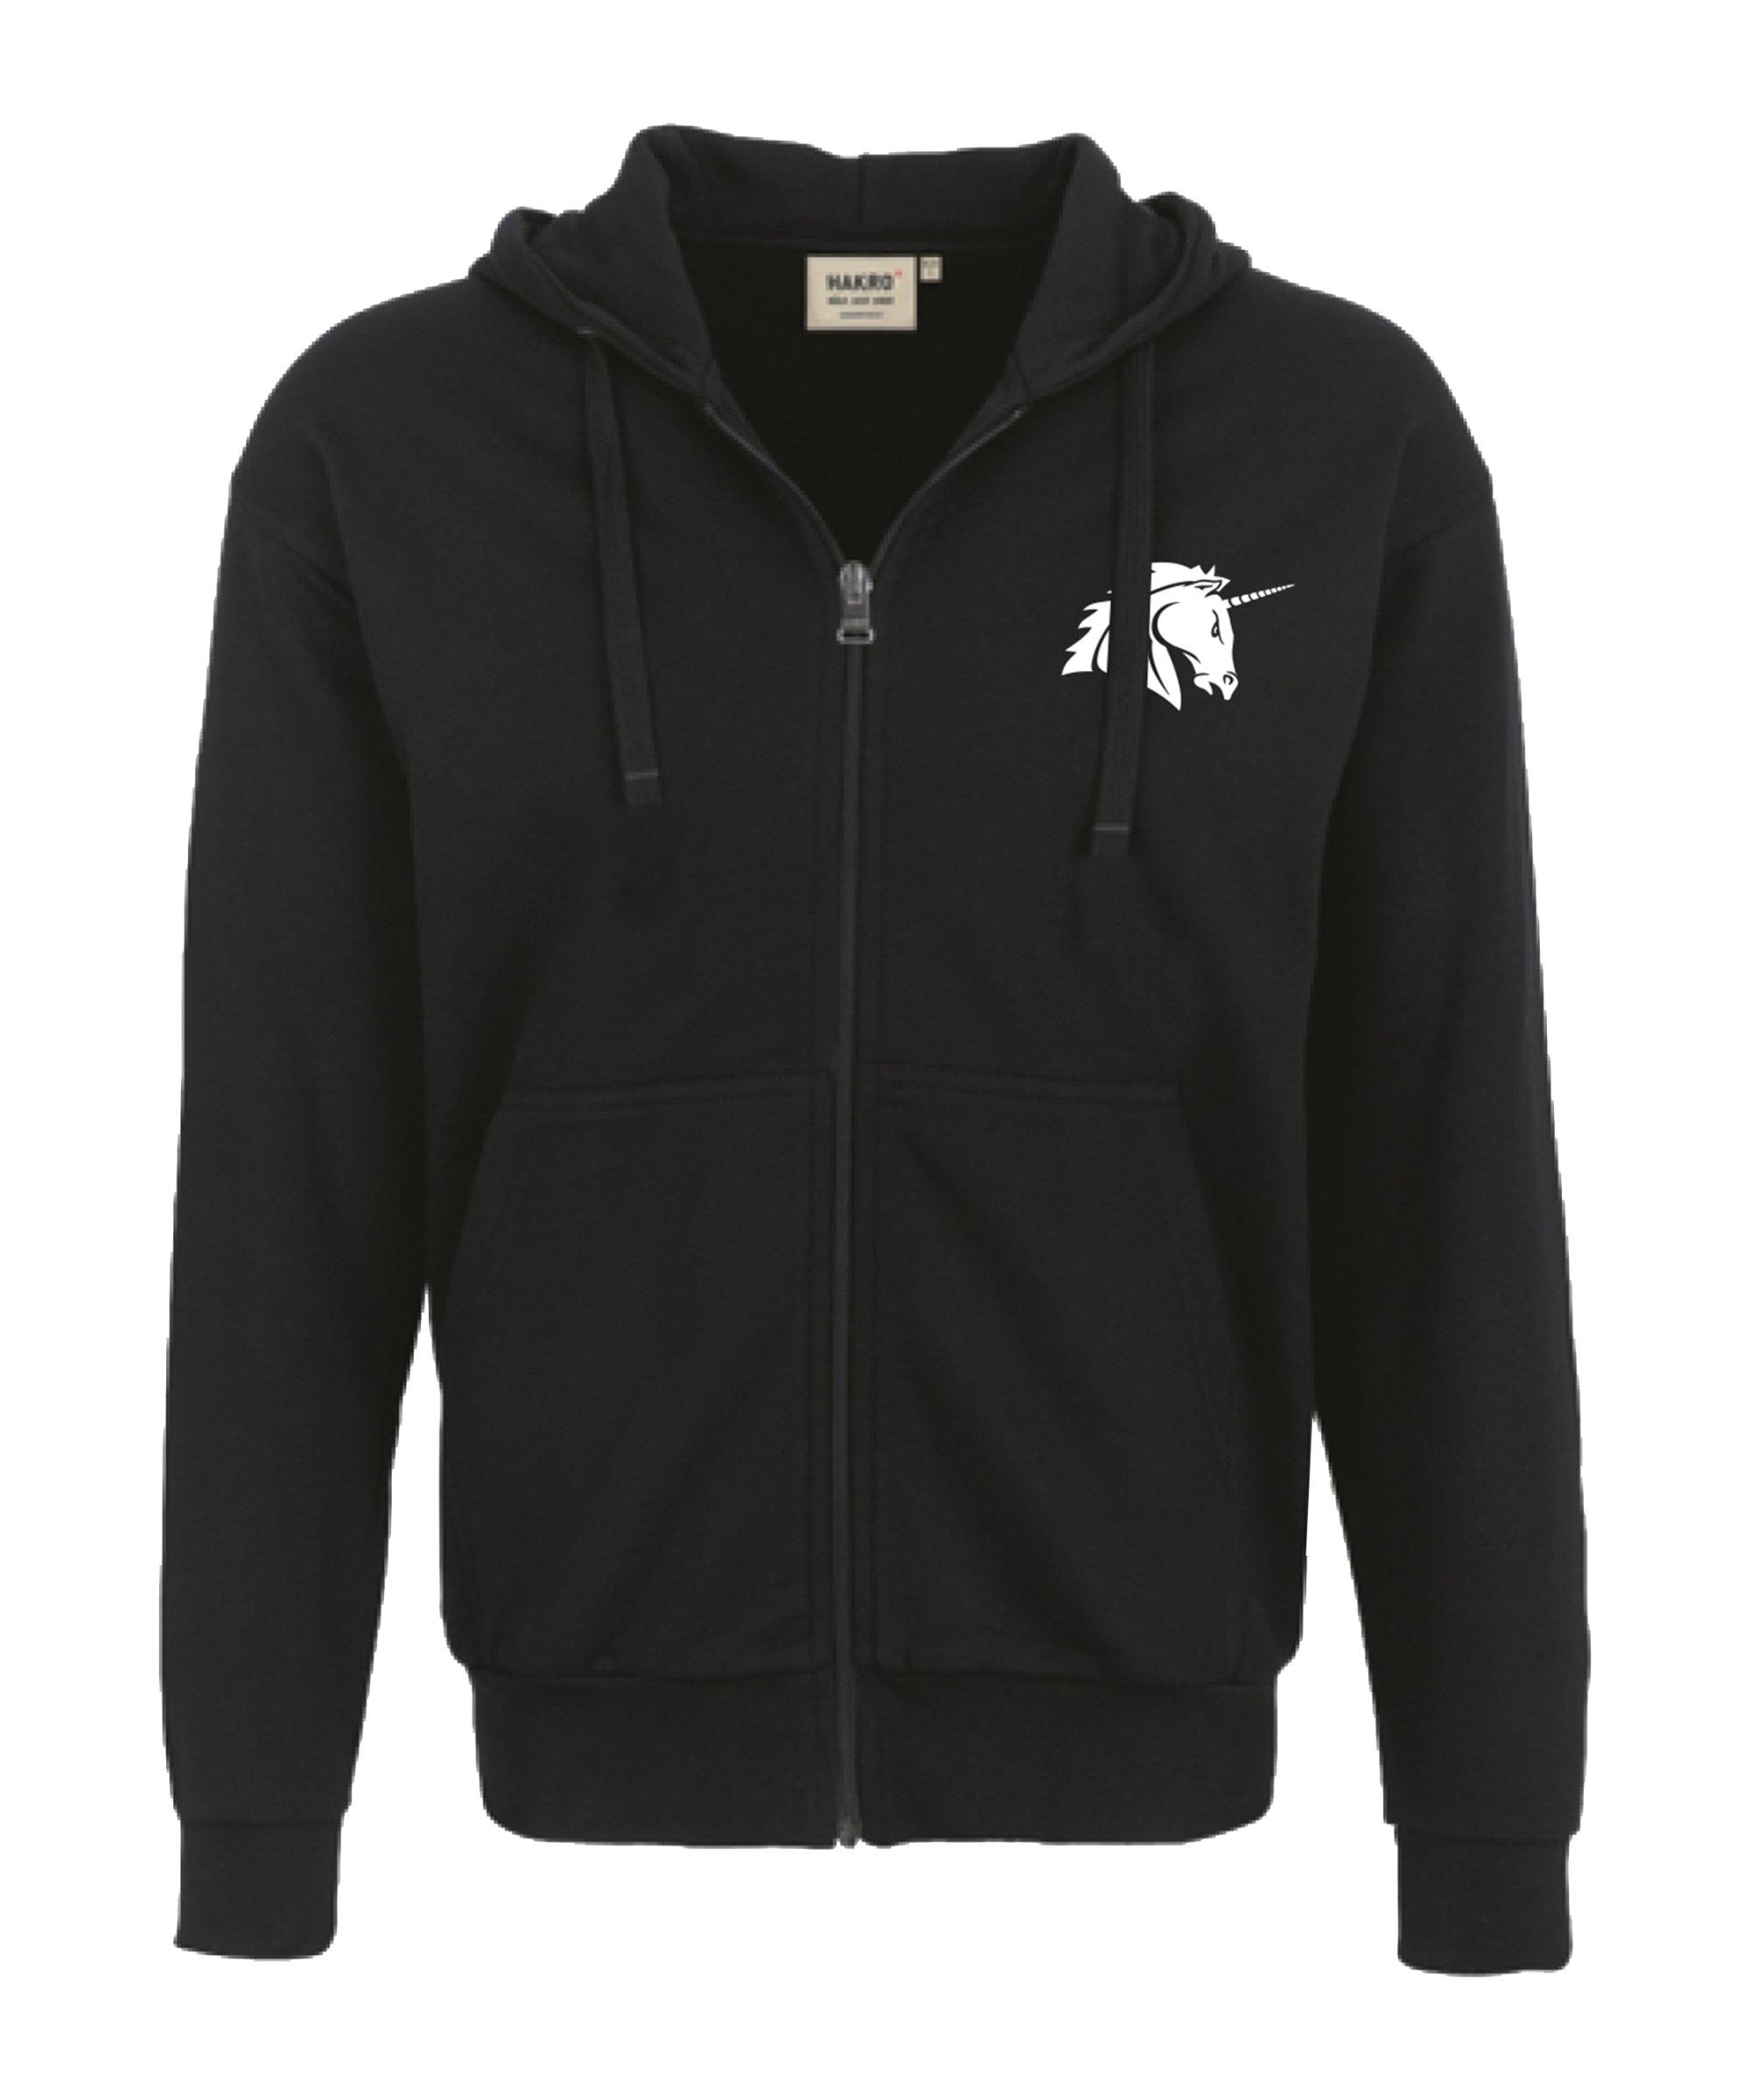 Unicorns Premium Kapuzen Sweatjacke Schwarz - schwarz